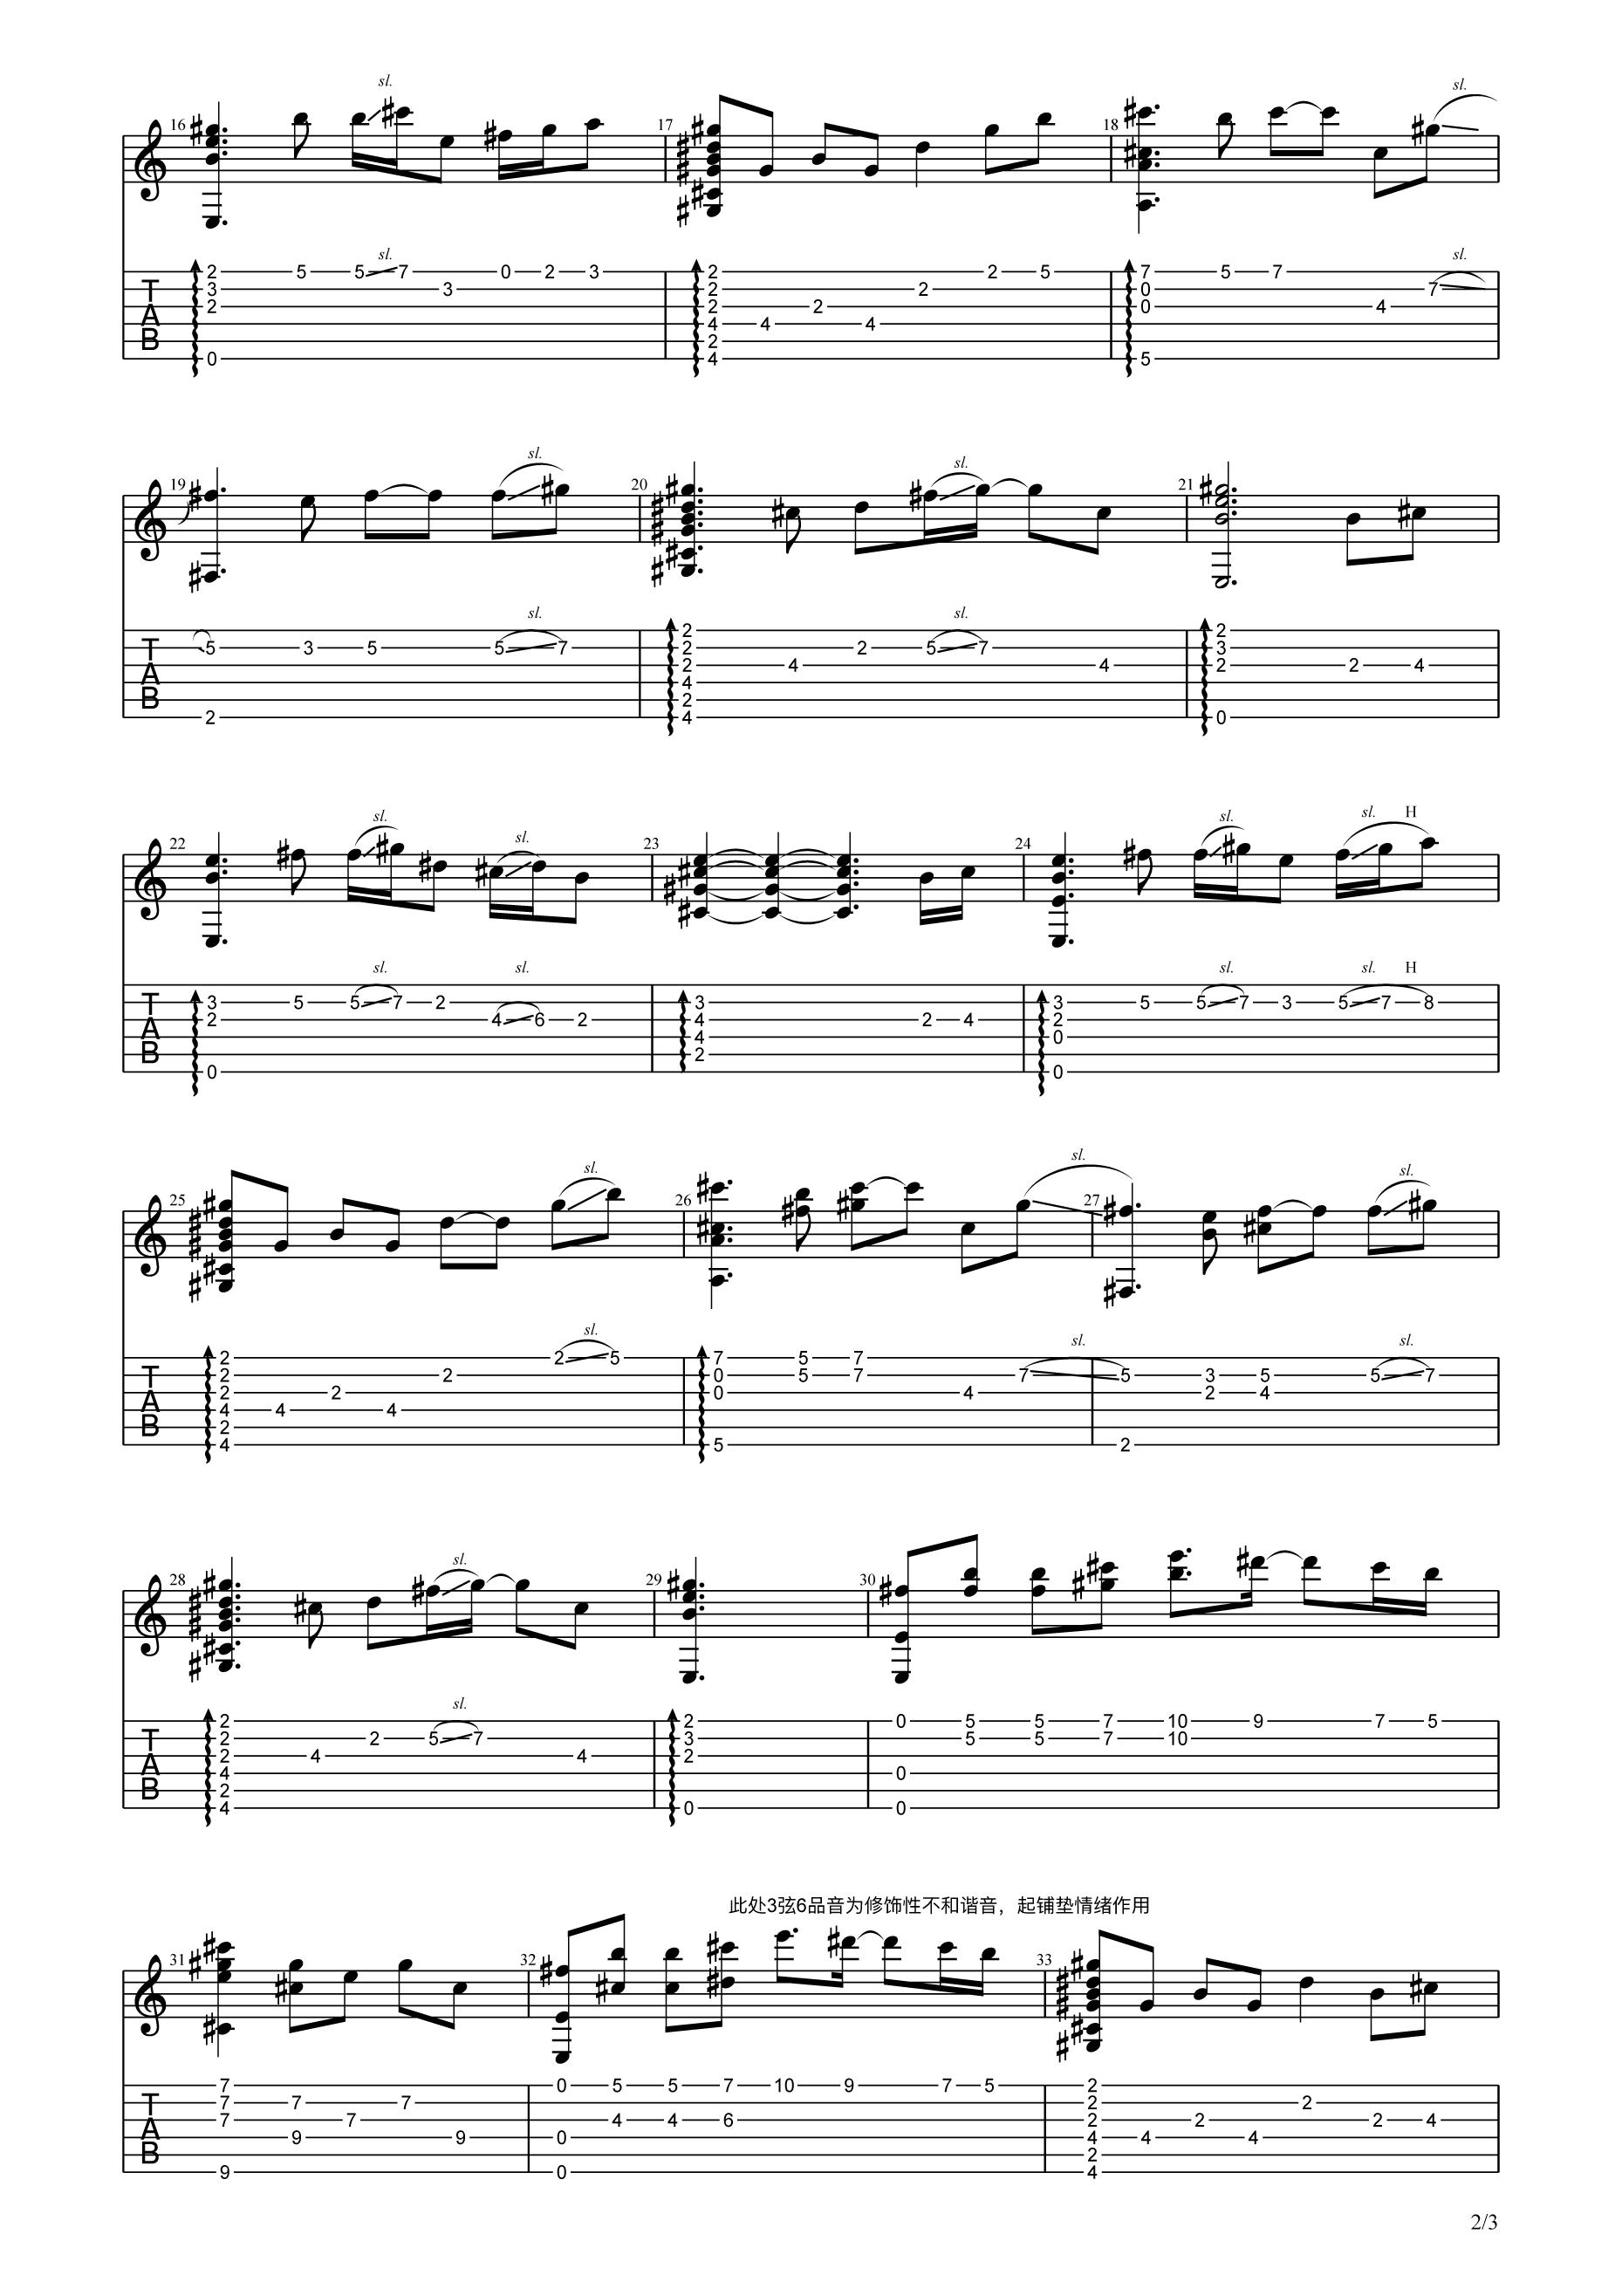 吉他派《女儿情》吉他谱指弹谱-2